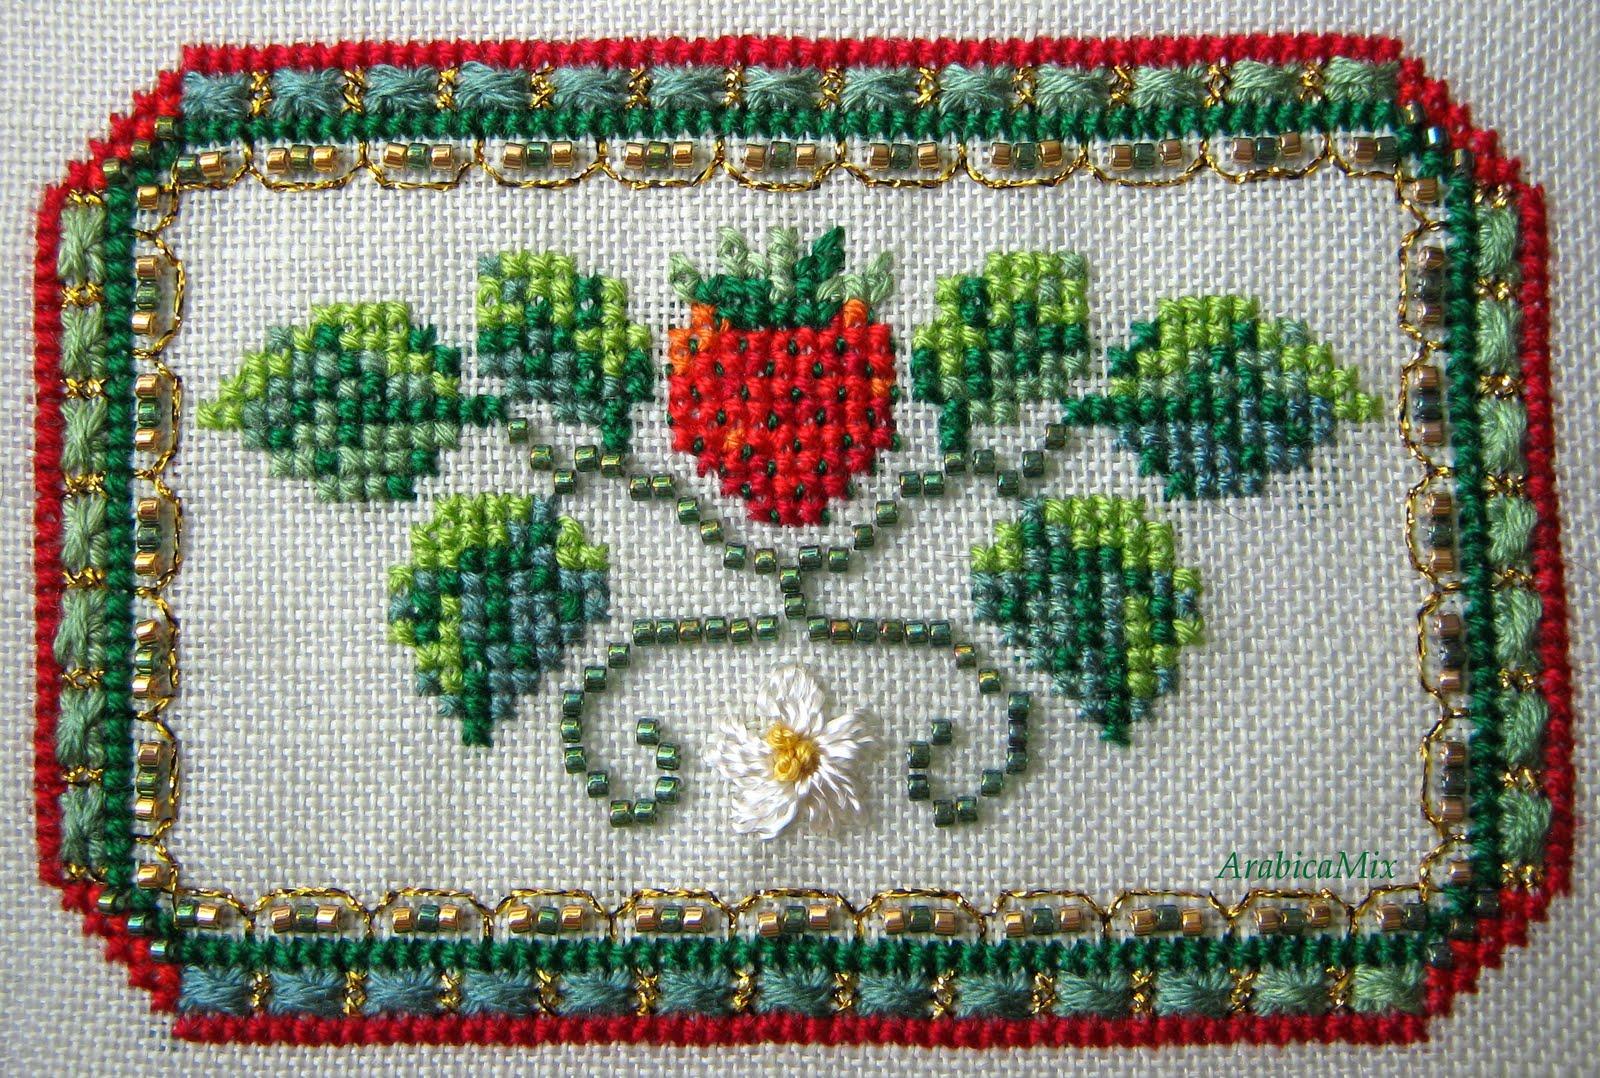 Вышивка как подарок - стоит ли дарить? Блог вышивальщицы 4